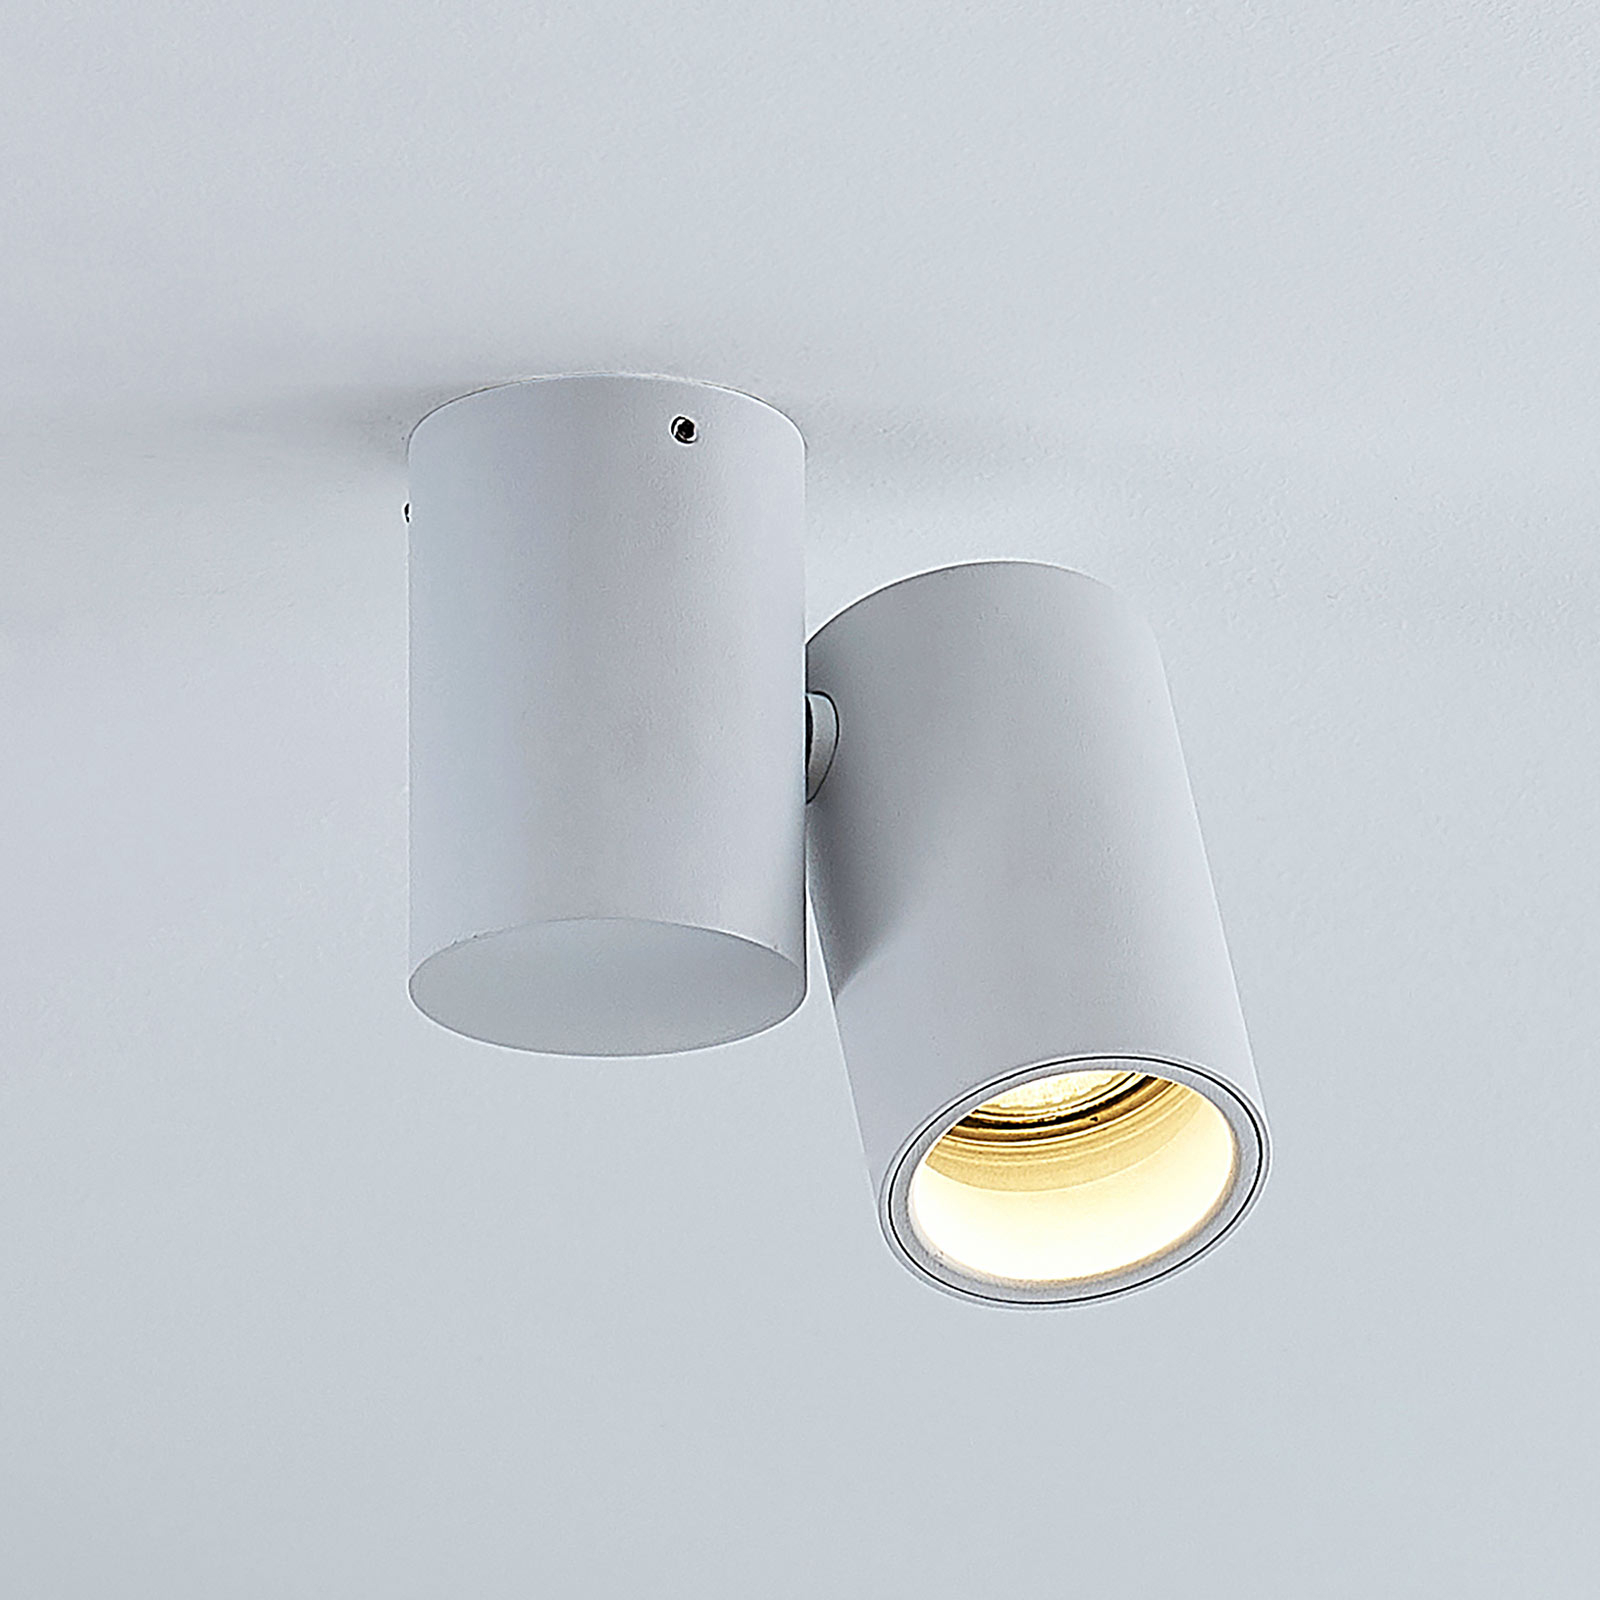 Taklampe Gesina, 1 lyskilde, hvit